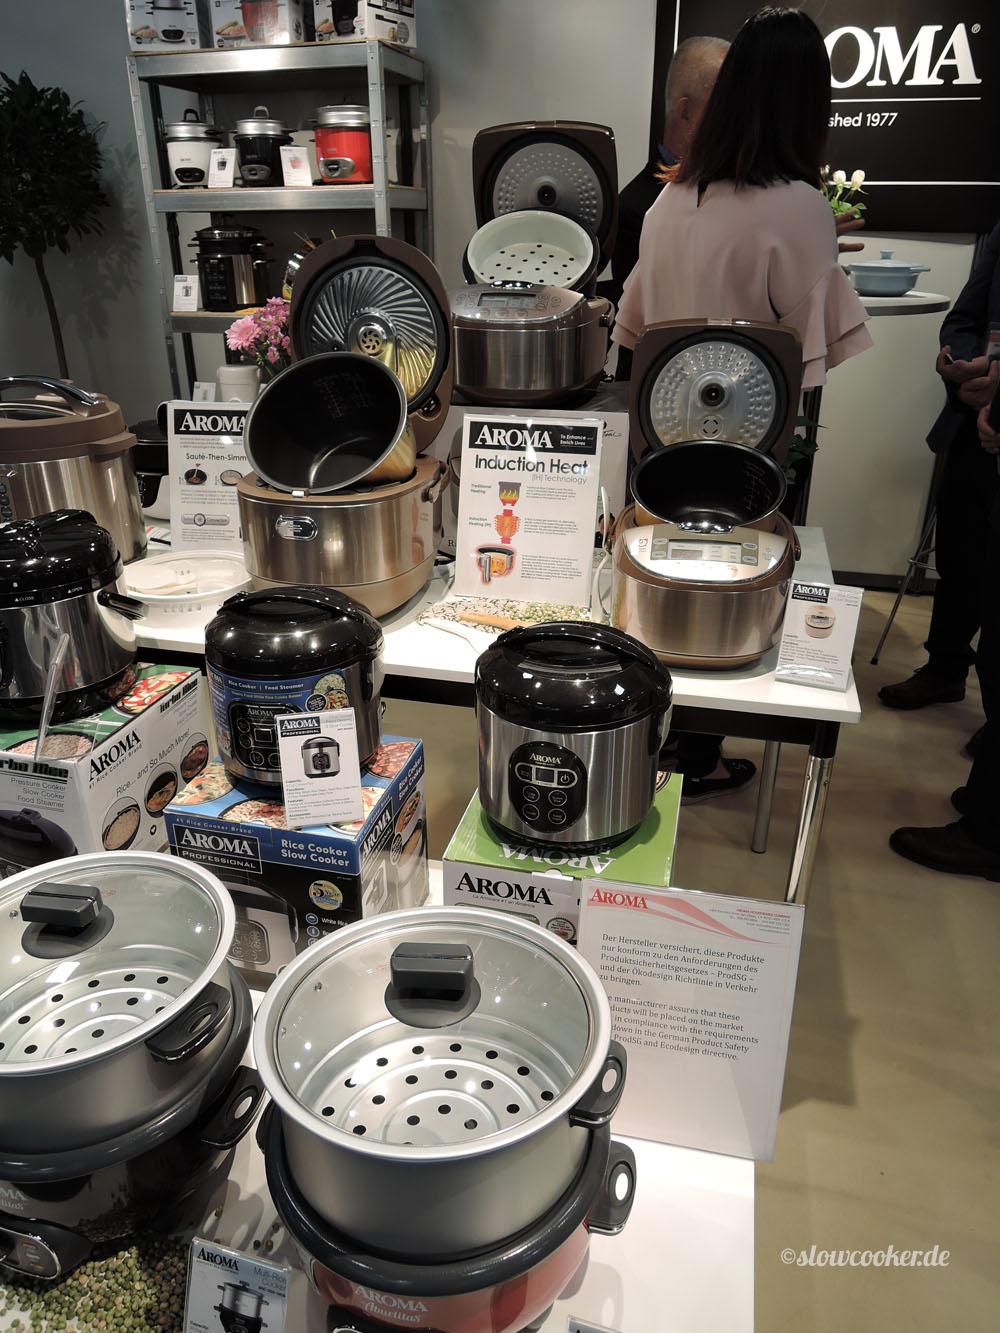 Schnell- & Langsamkocher sowie Multikocher von Aroma kommen bald auch in D auf den Markt